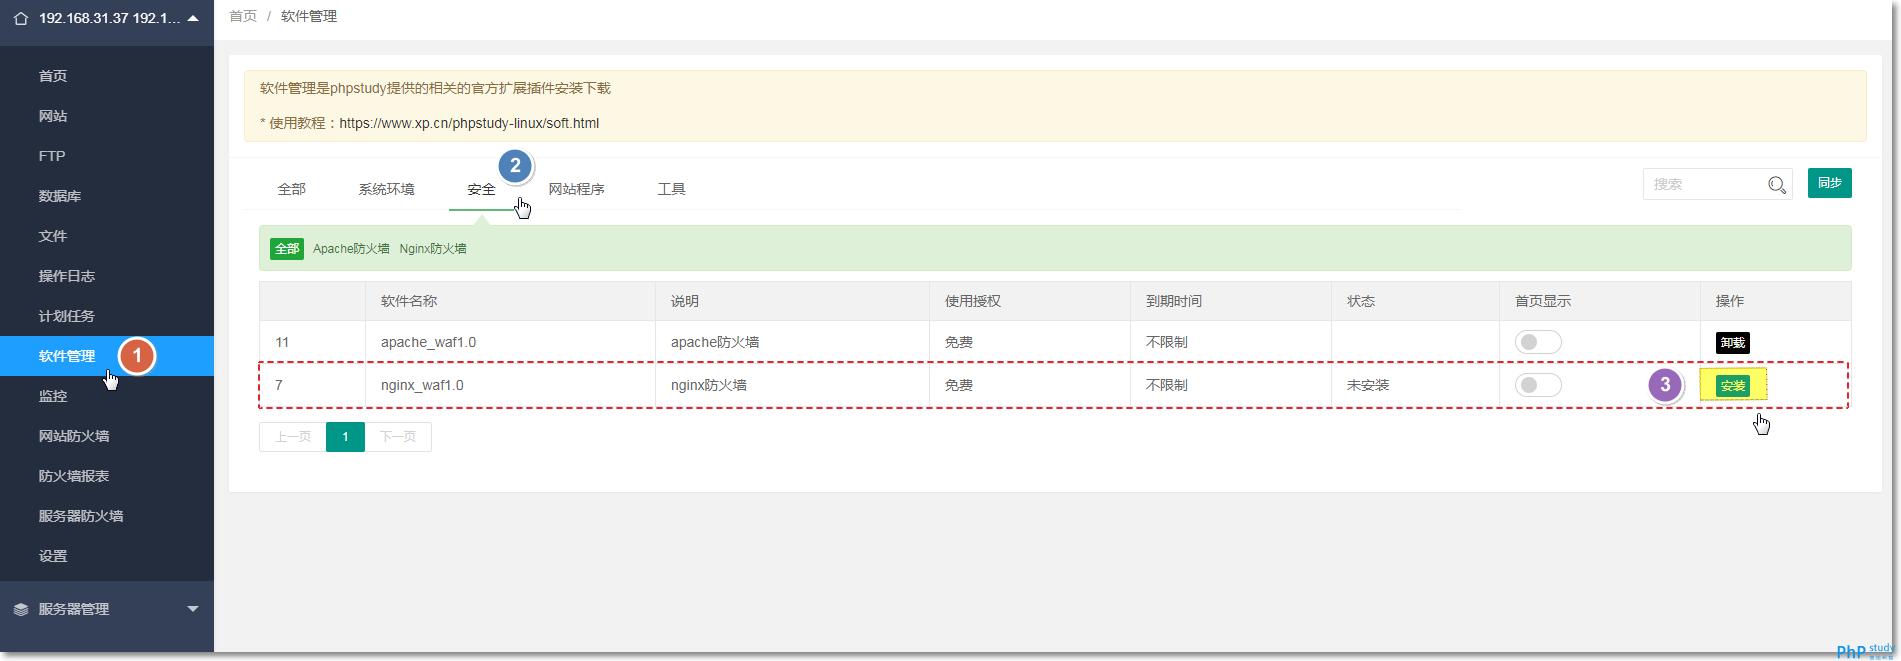 软件管理-nginx-waf.png